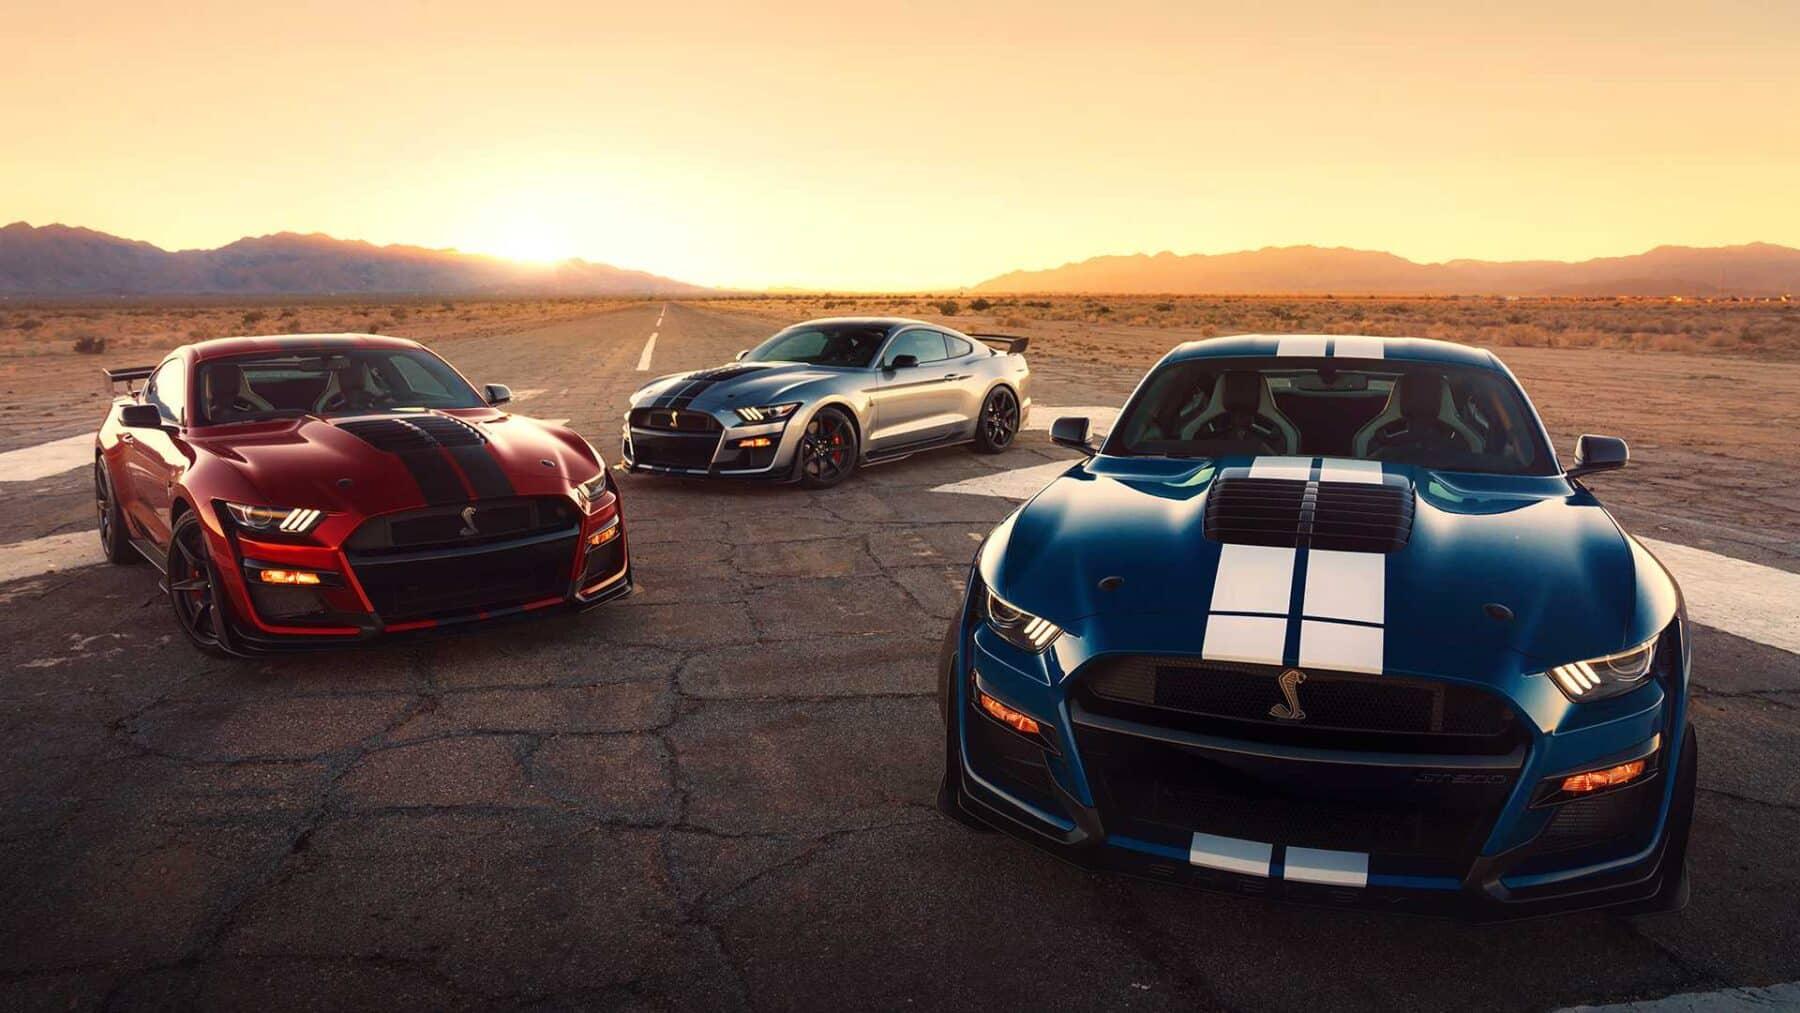 Ford Afirma Que Su Mustang Shelby Gt500 Es Tan Bestia Que Acelera De 0 A 100 Km H En Unos 3 3 Segundos